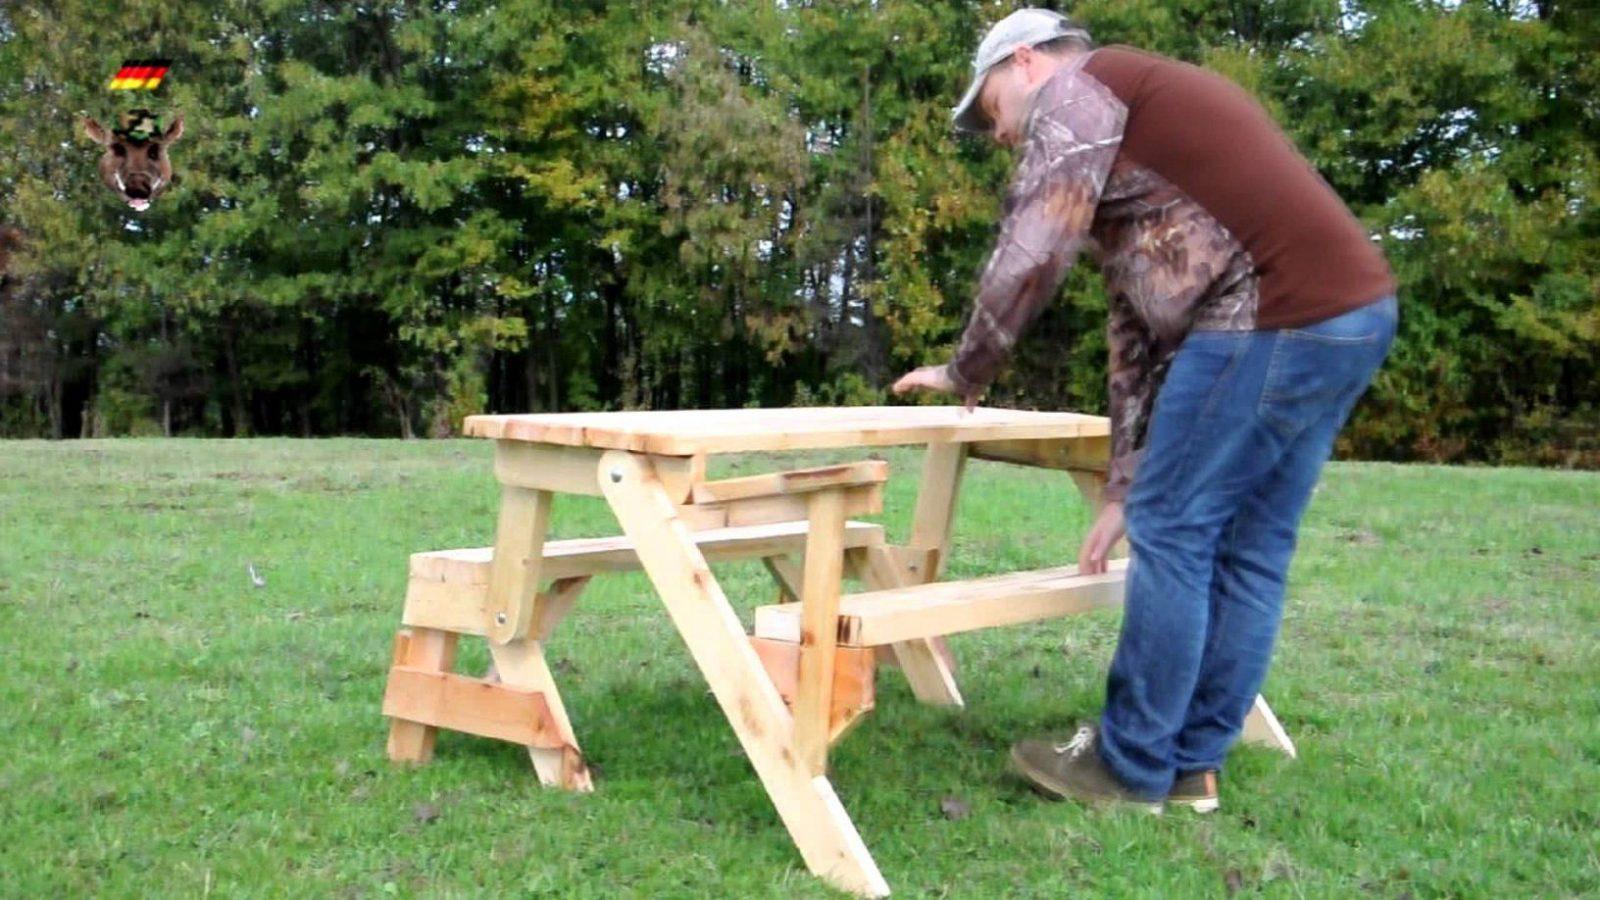 Klappbare Gartentisch Mit Holzbank Sitzbank Massiv Ausziehbar  Youtube von Tisch Bank Kombination Selber Bauen Photo